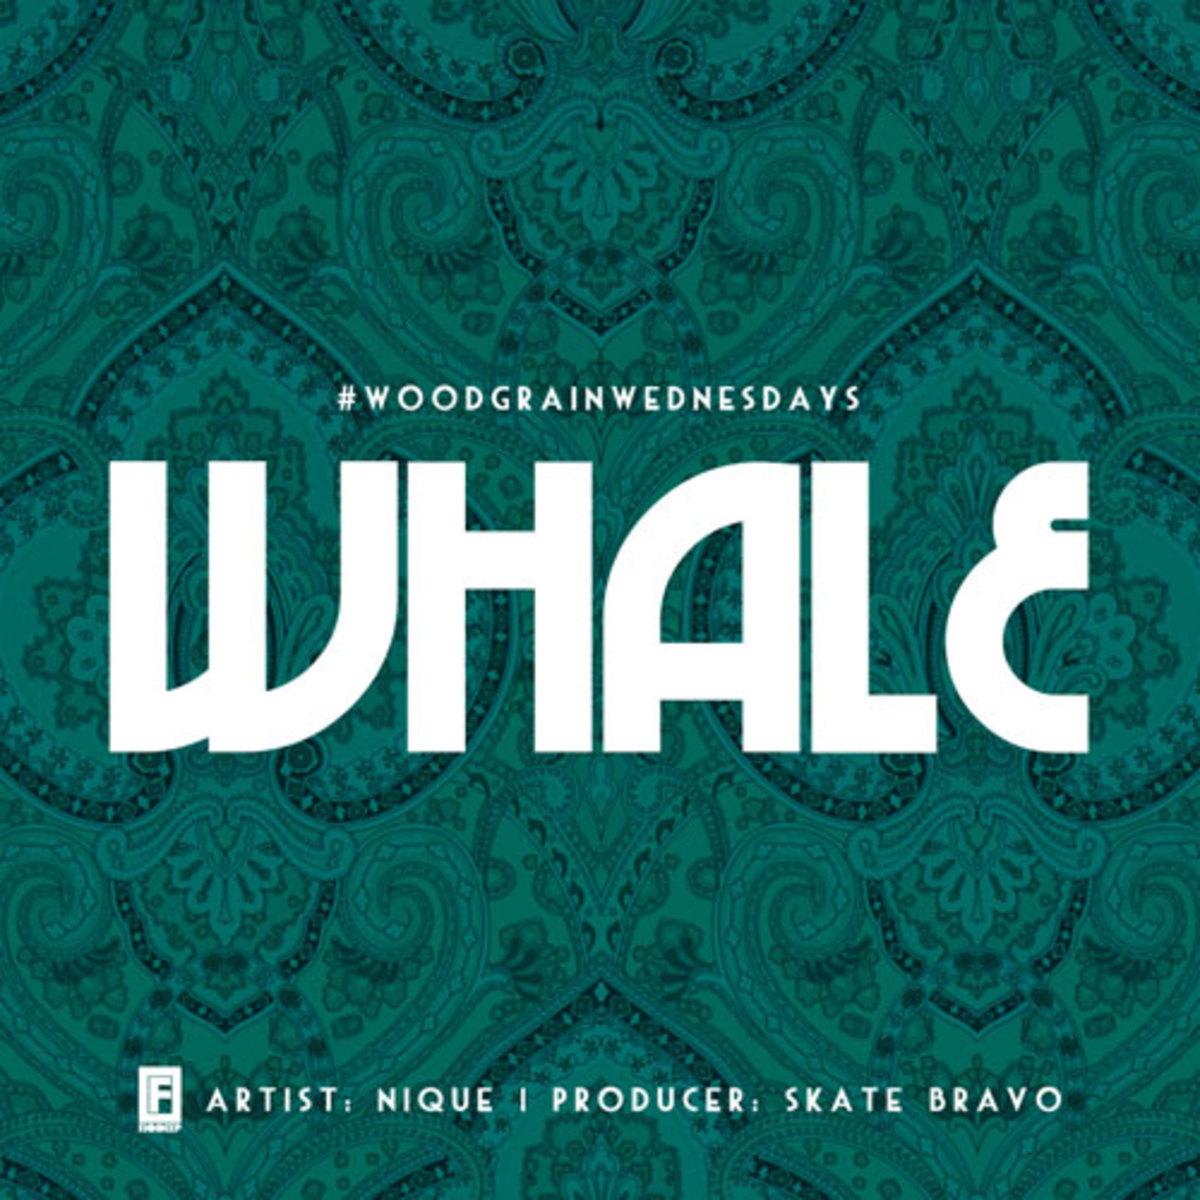 nique-whale.jpg